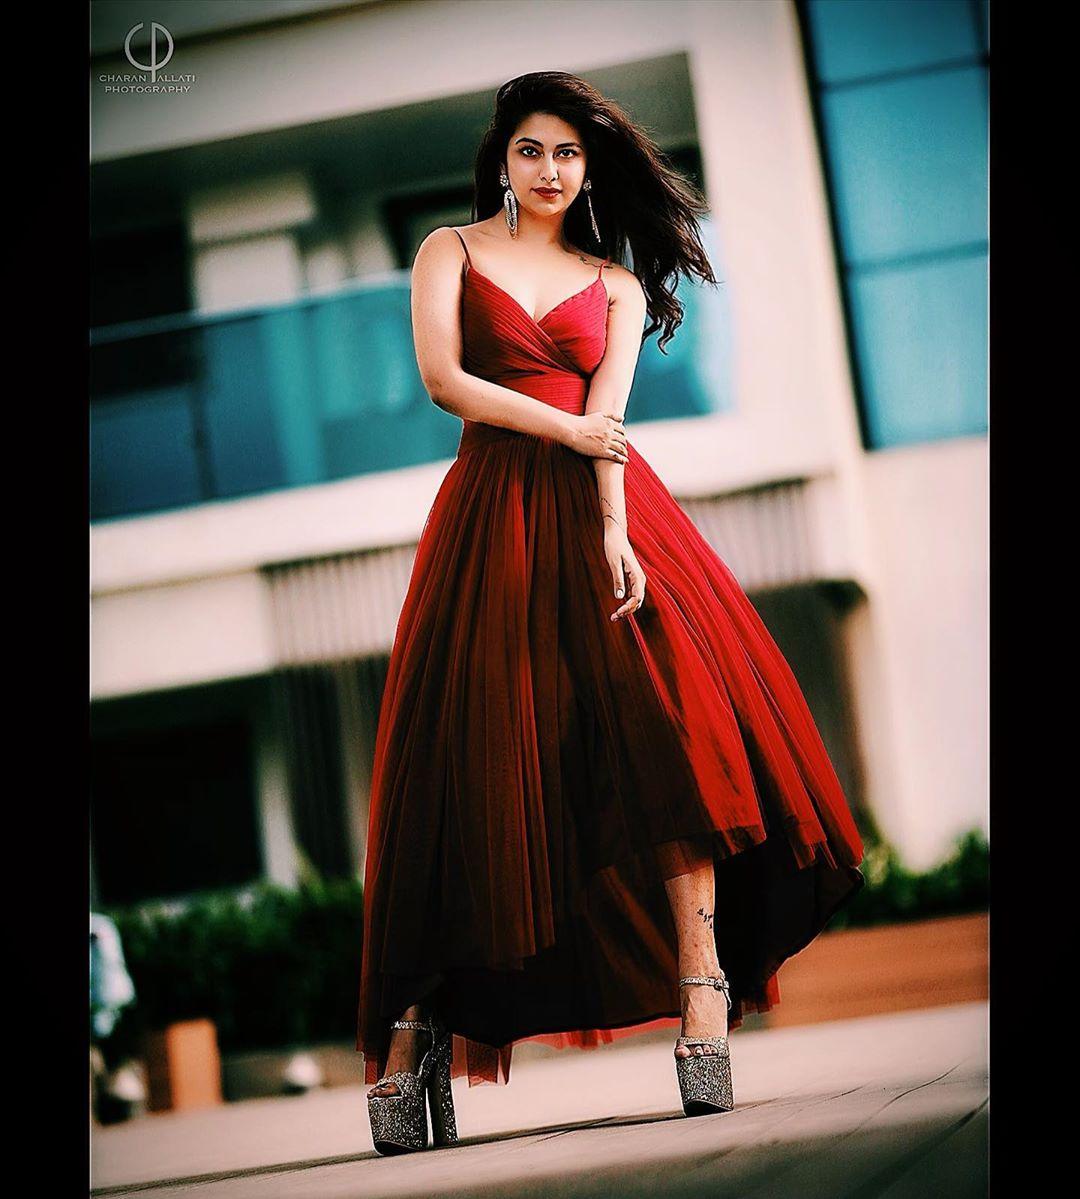 అవికా గోర్ అదిరిపోయే అందాలు... Photo : Instagram.com/avika_n_joy/